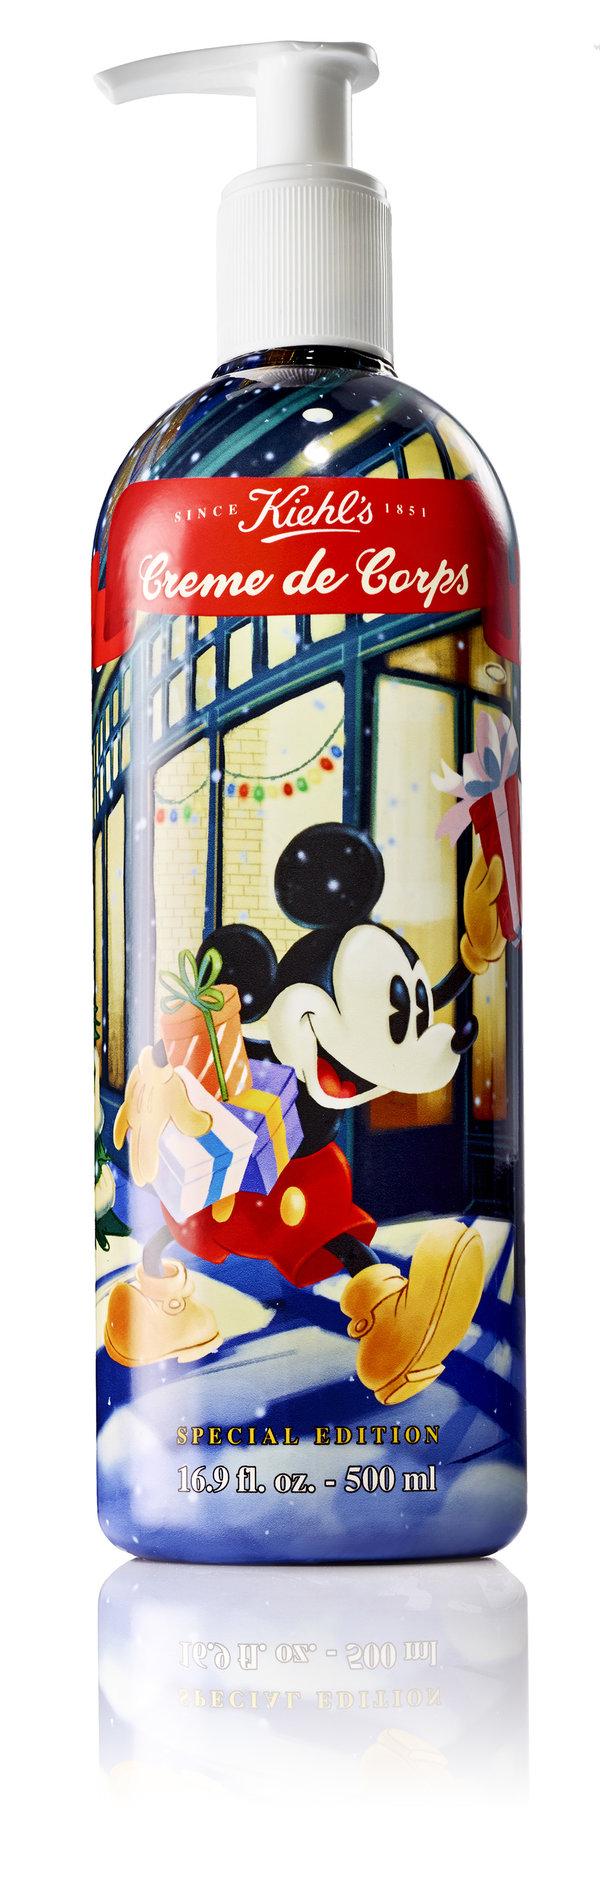 Posebno blagdansko izdanje  Kiehl's x Disney